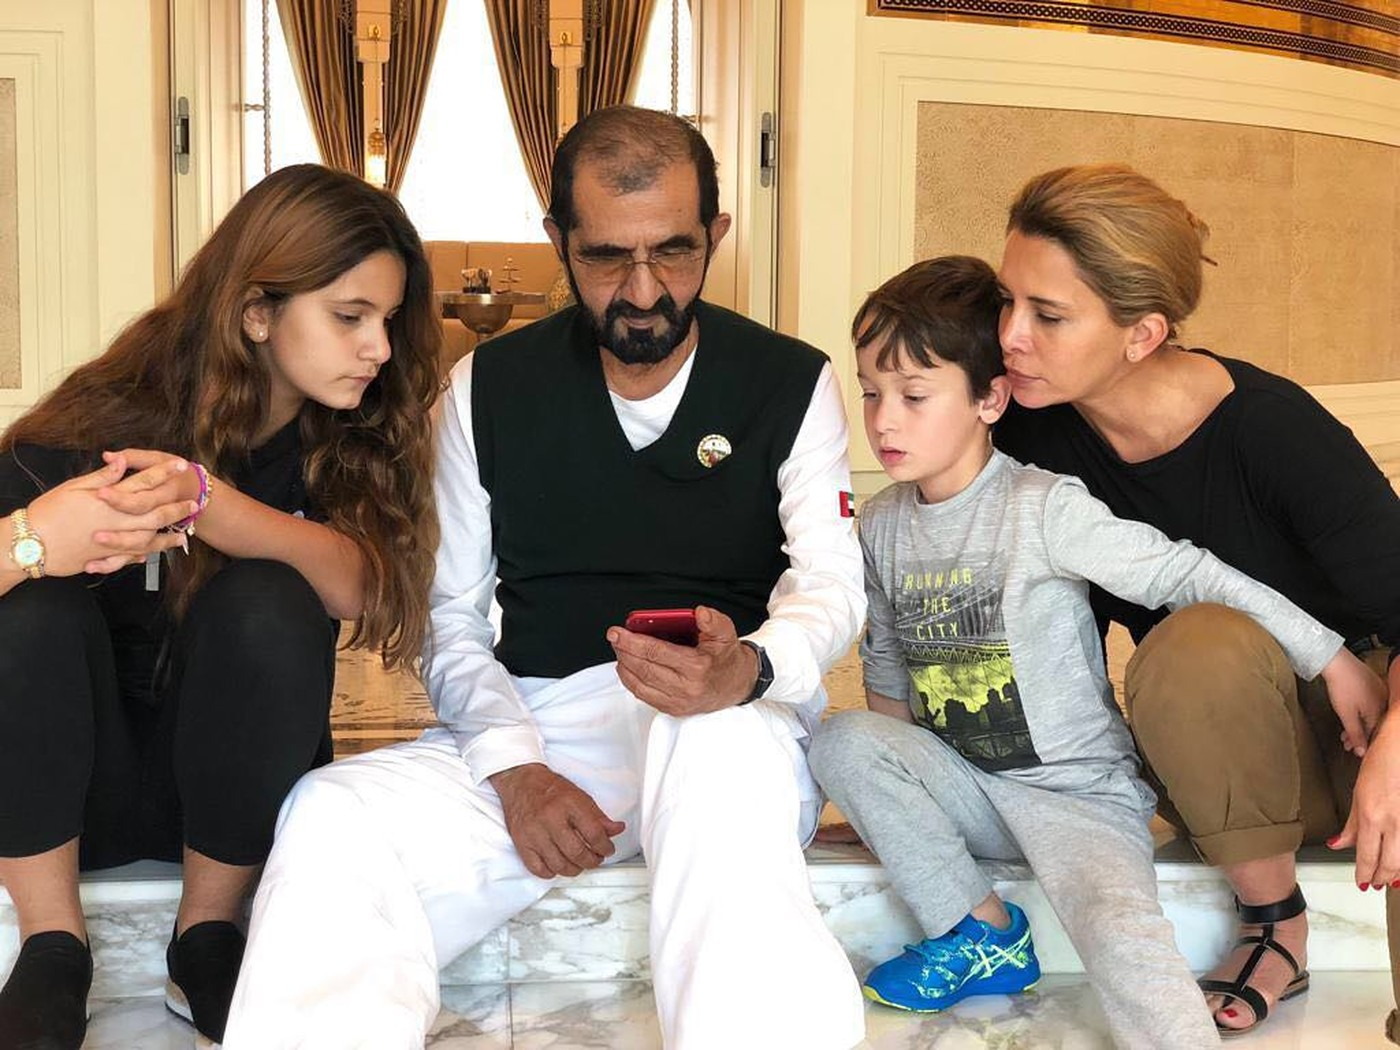 صورة فيديو: هذه حقيقة طلاق الأميرة هيا زوجة محمد بن راشد بعد هروبها لألمانيا!